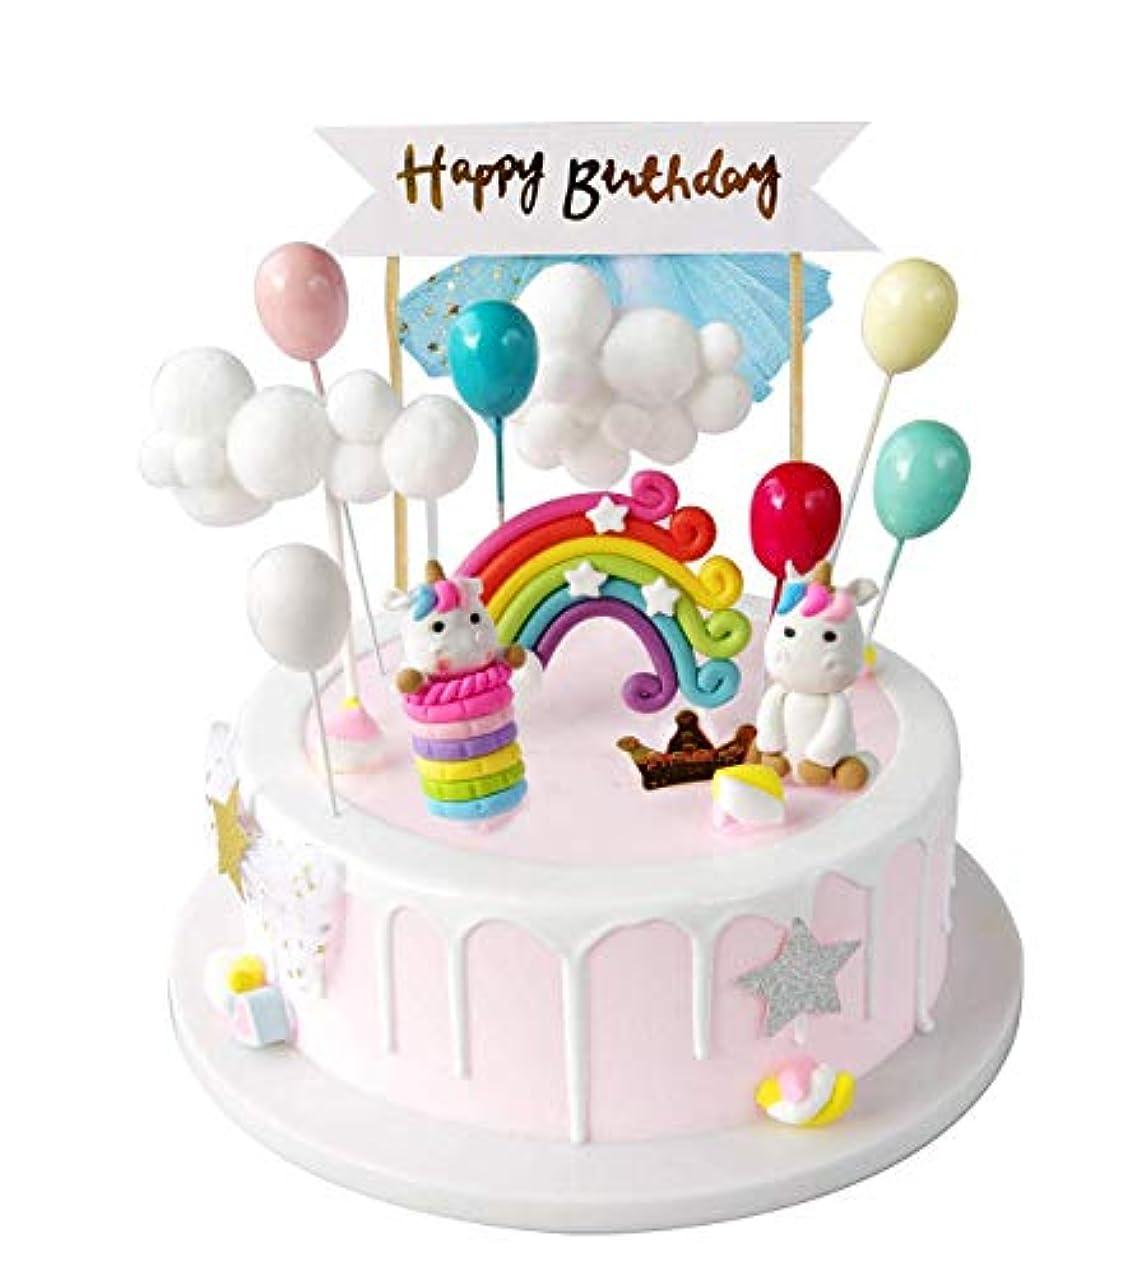 レールびん公然とEmstany レインボー ケーキトッパー  誕生日 ケーキ装飾 ケーキデコレーション ケーキ飾り 誕生日装飾 結婚式 パーティー、メリークリスマ